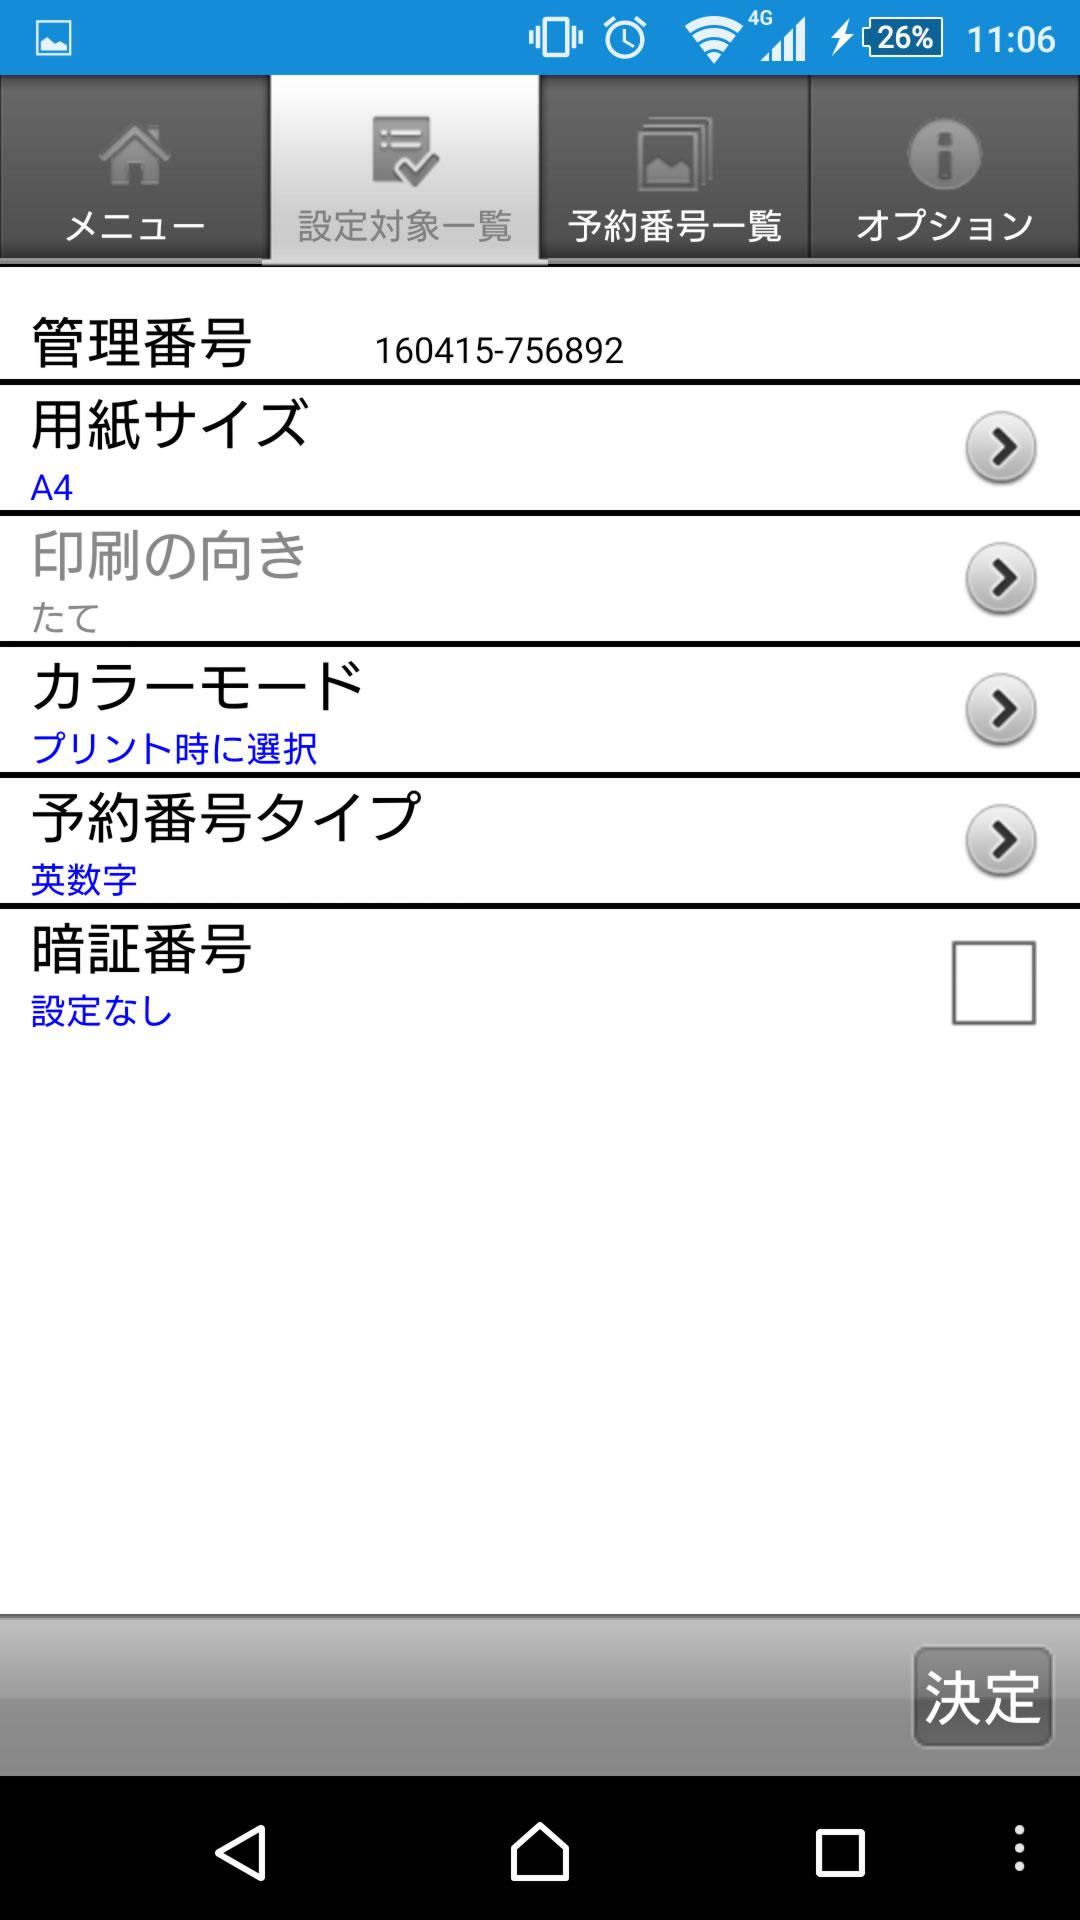 印刷 android pdf 印刷 : ファイル設定画面で「決定」を ...